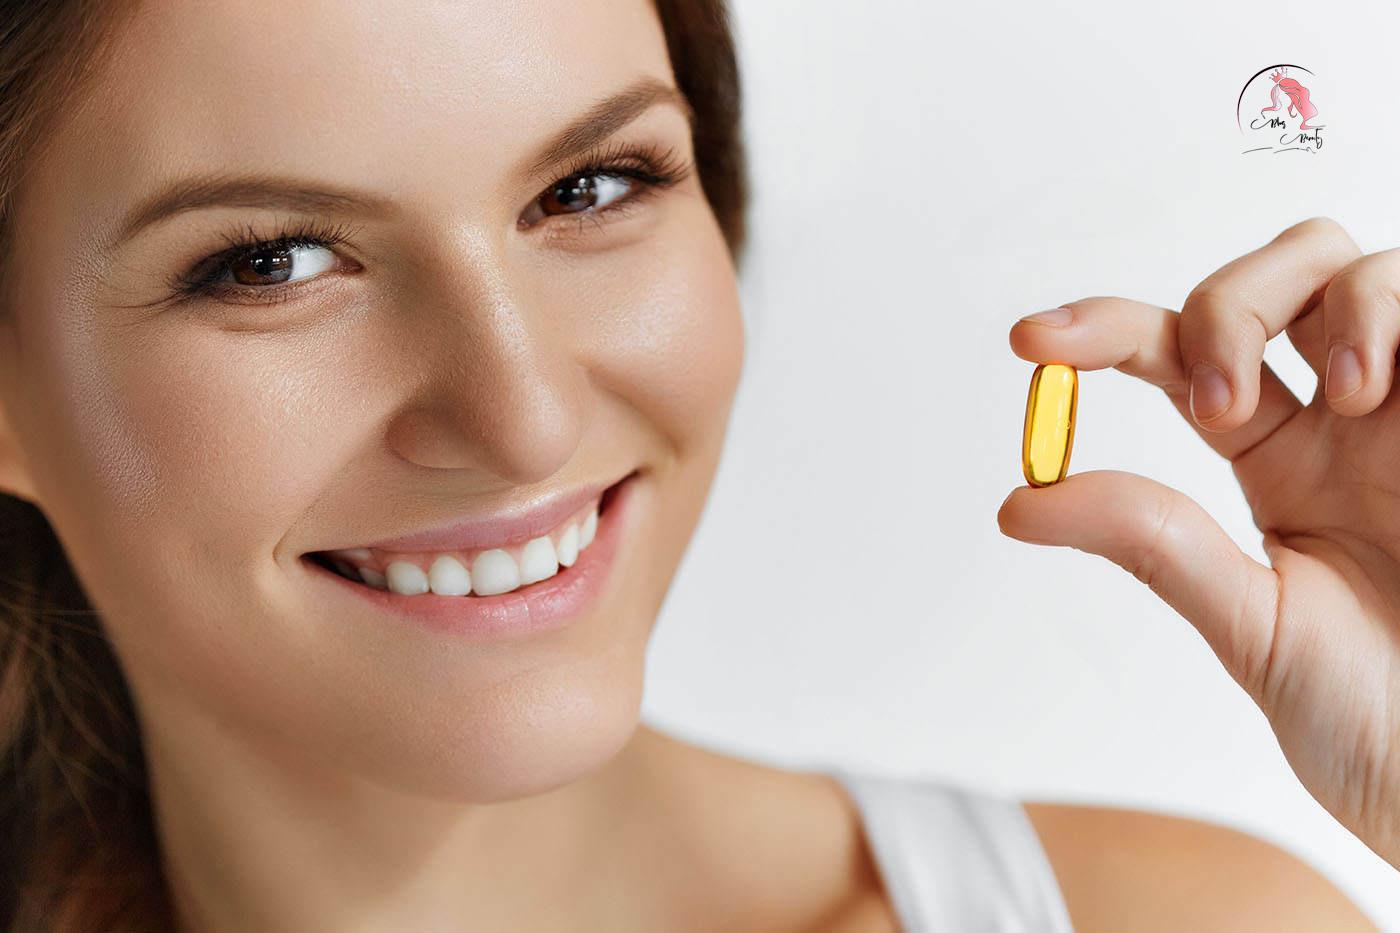 Trị nếp nhăn quanh mắt bằng vitamin E